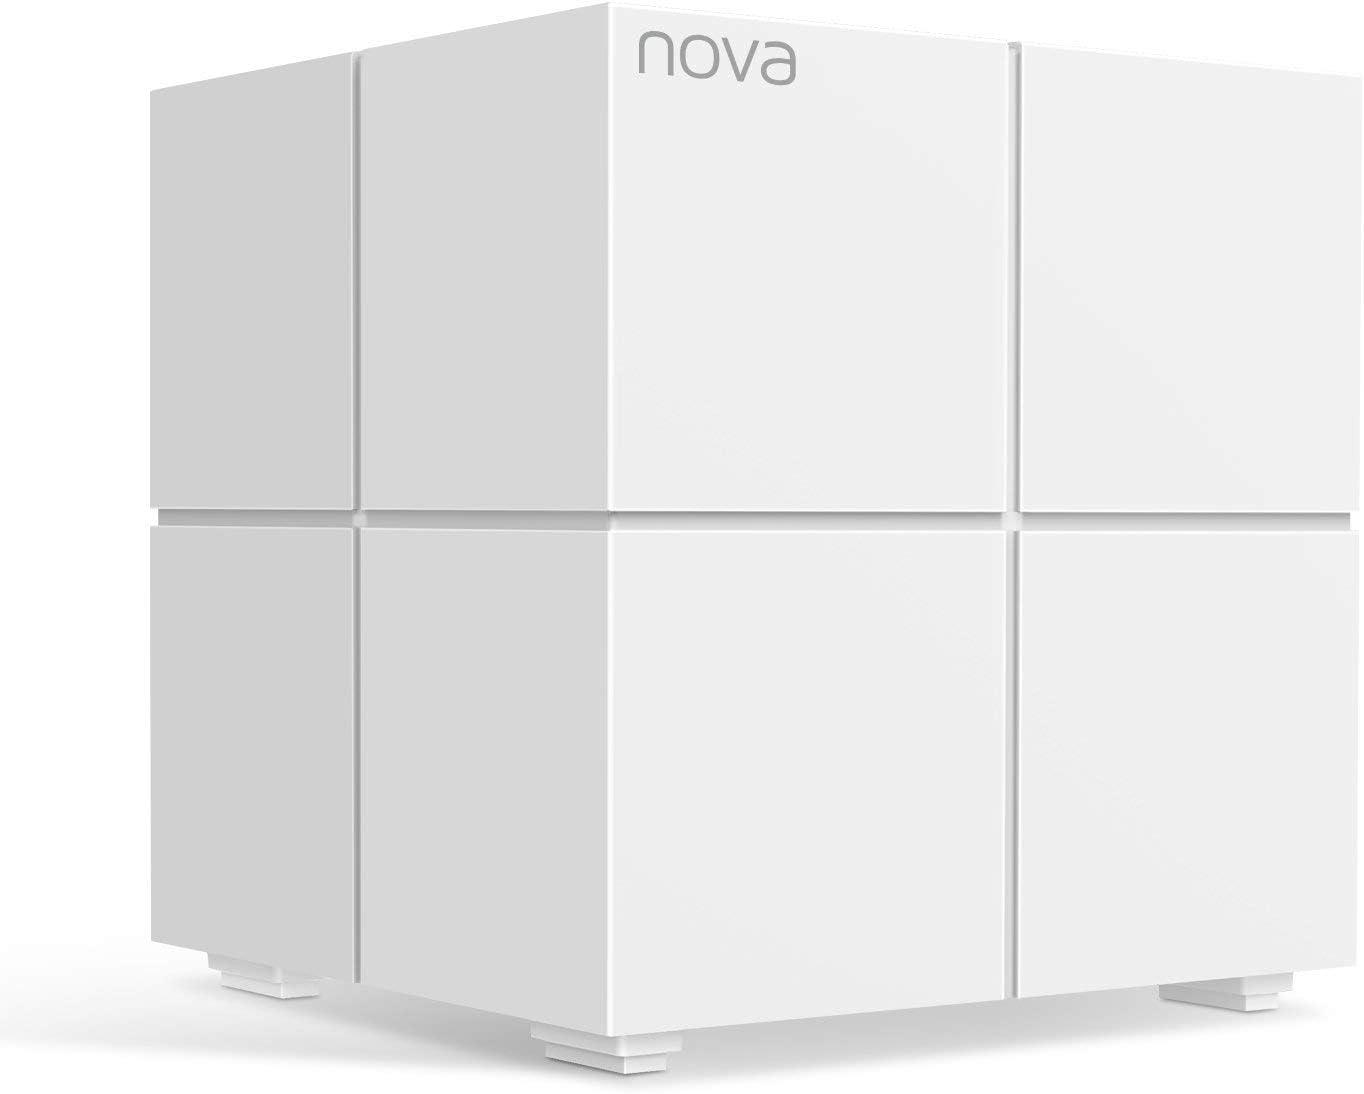 Tenda Nova MW6 Sistema Mesh WiFi hasta 165m2 de cobertura para todo el hogar (Reemplaza Router y Repetidores Wifi), 2 Puertos Gigabit, Control ...